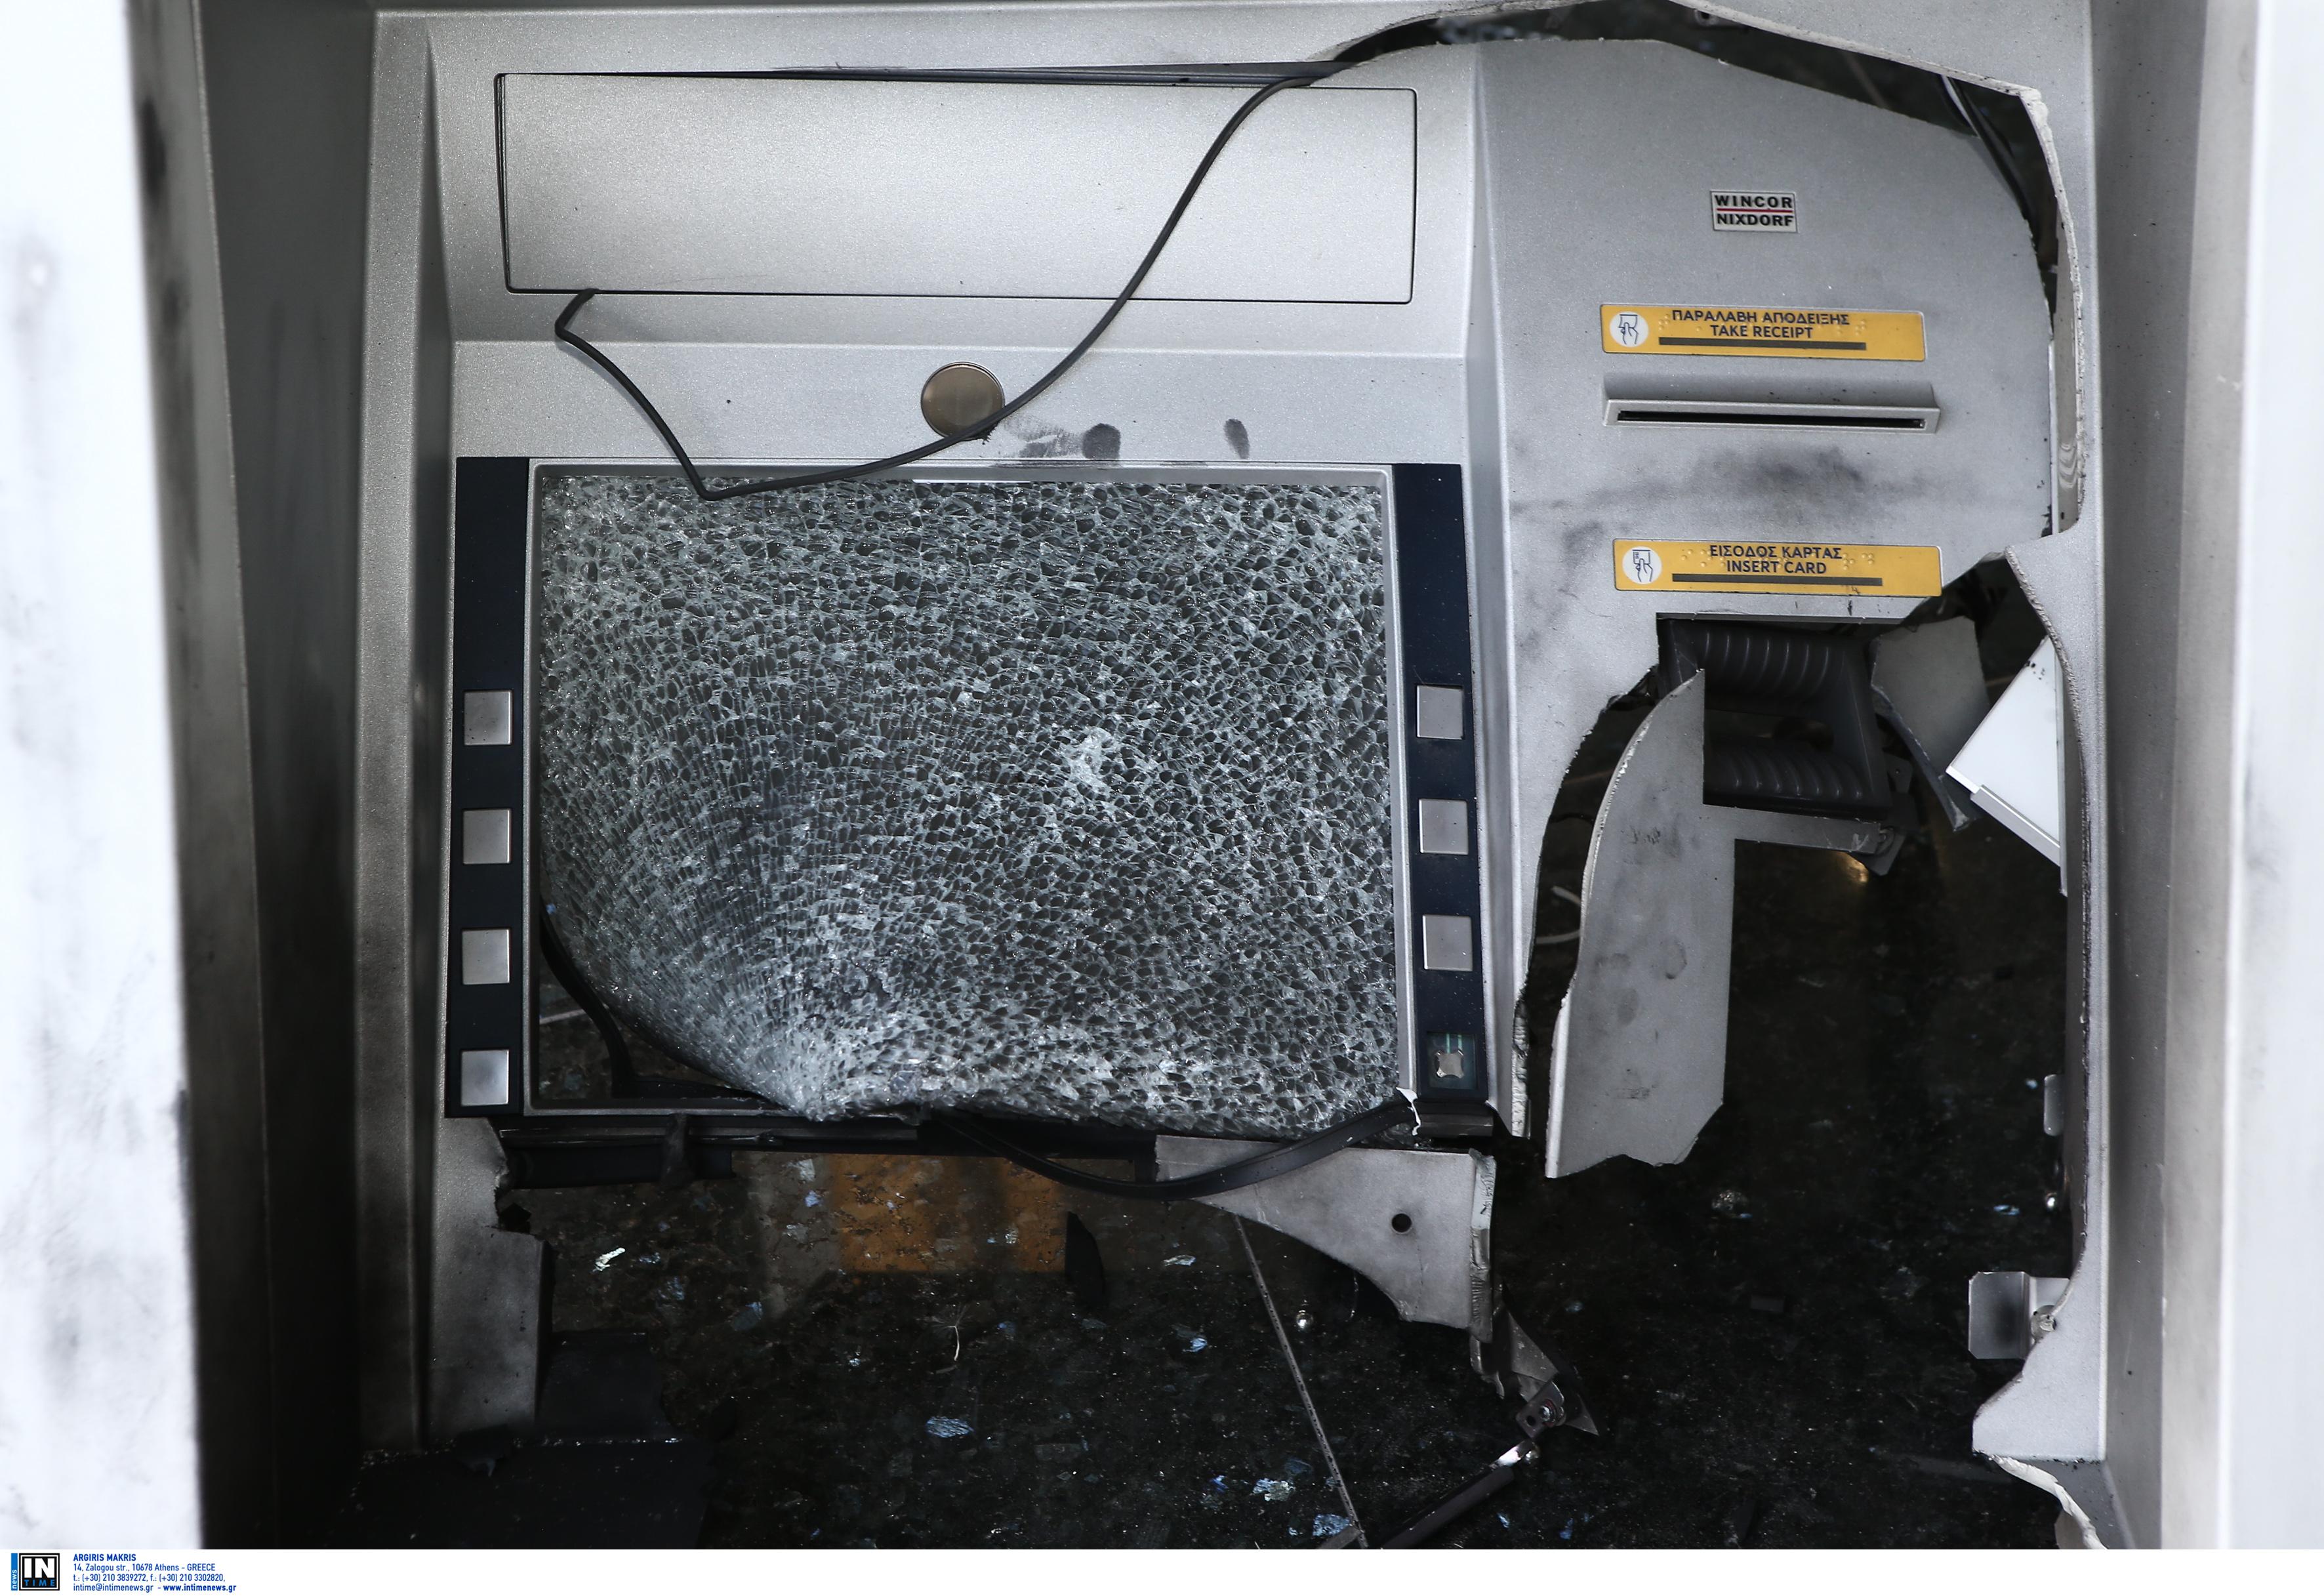 Πάτρα: Καταδρομικές επιθέσεις σε τράπεζες και κτίριο που στεγάζει υπηρεσίες του υπουργείου δικαιοσύνης (Φωτό)